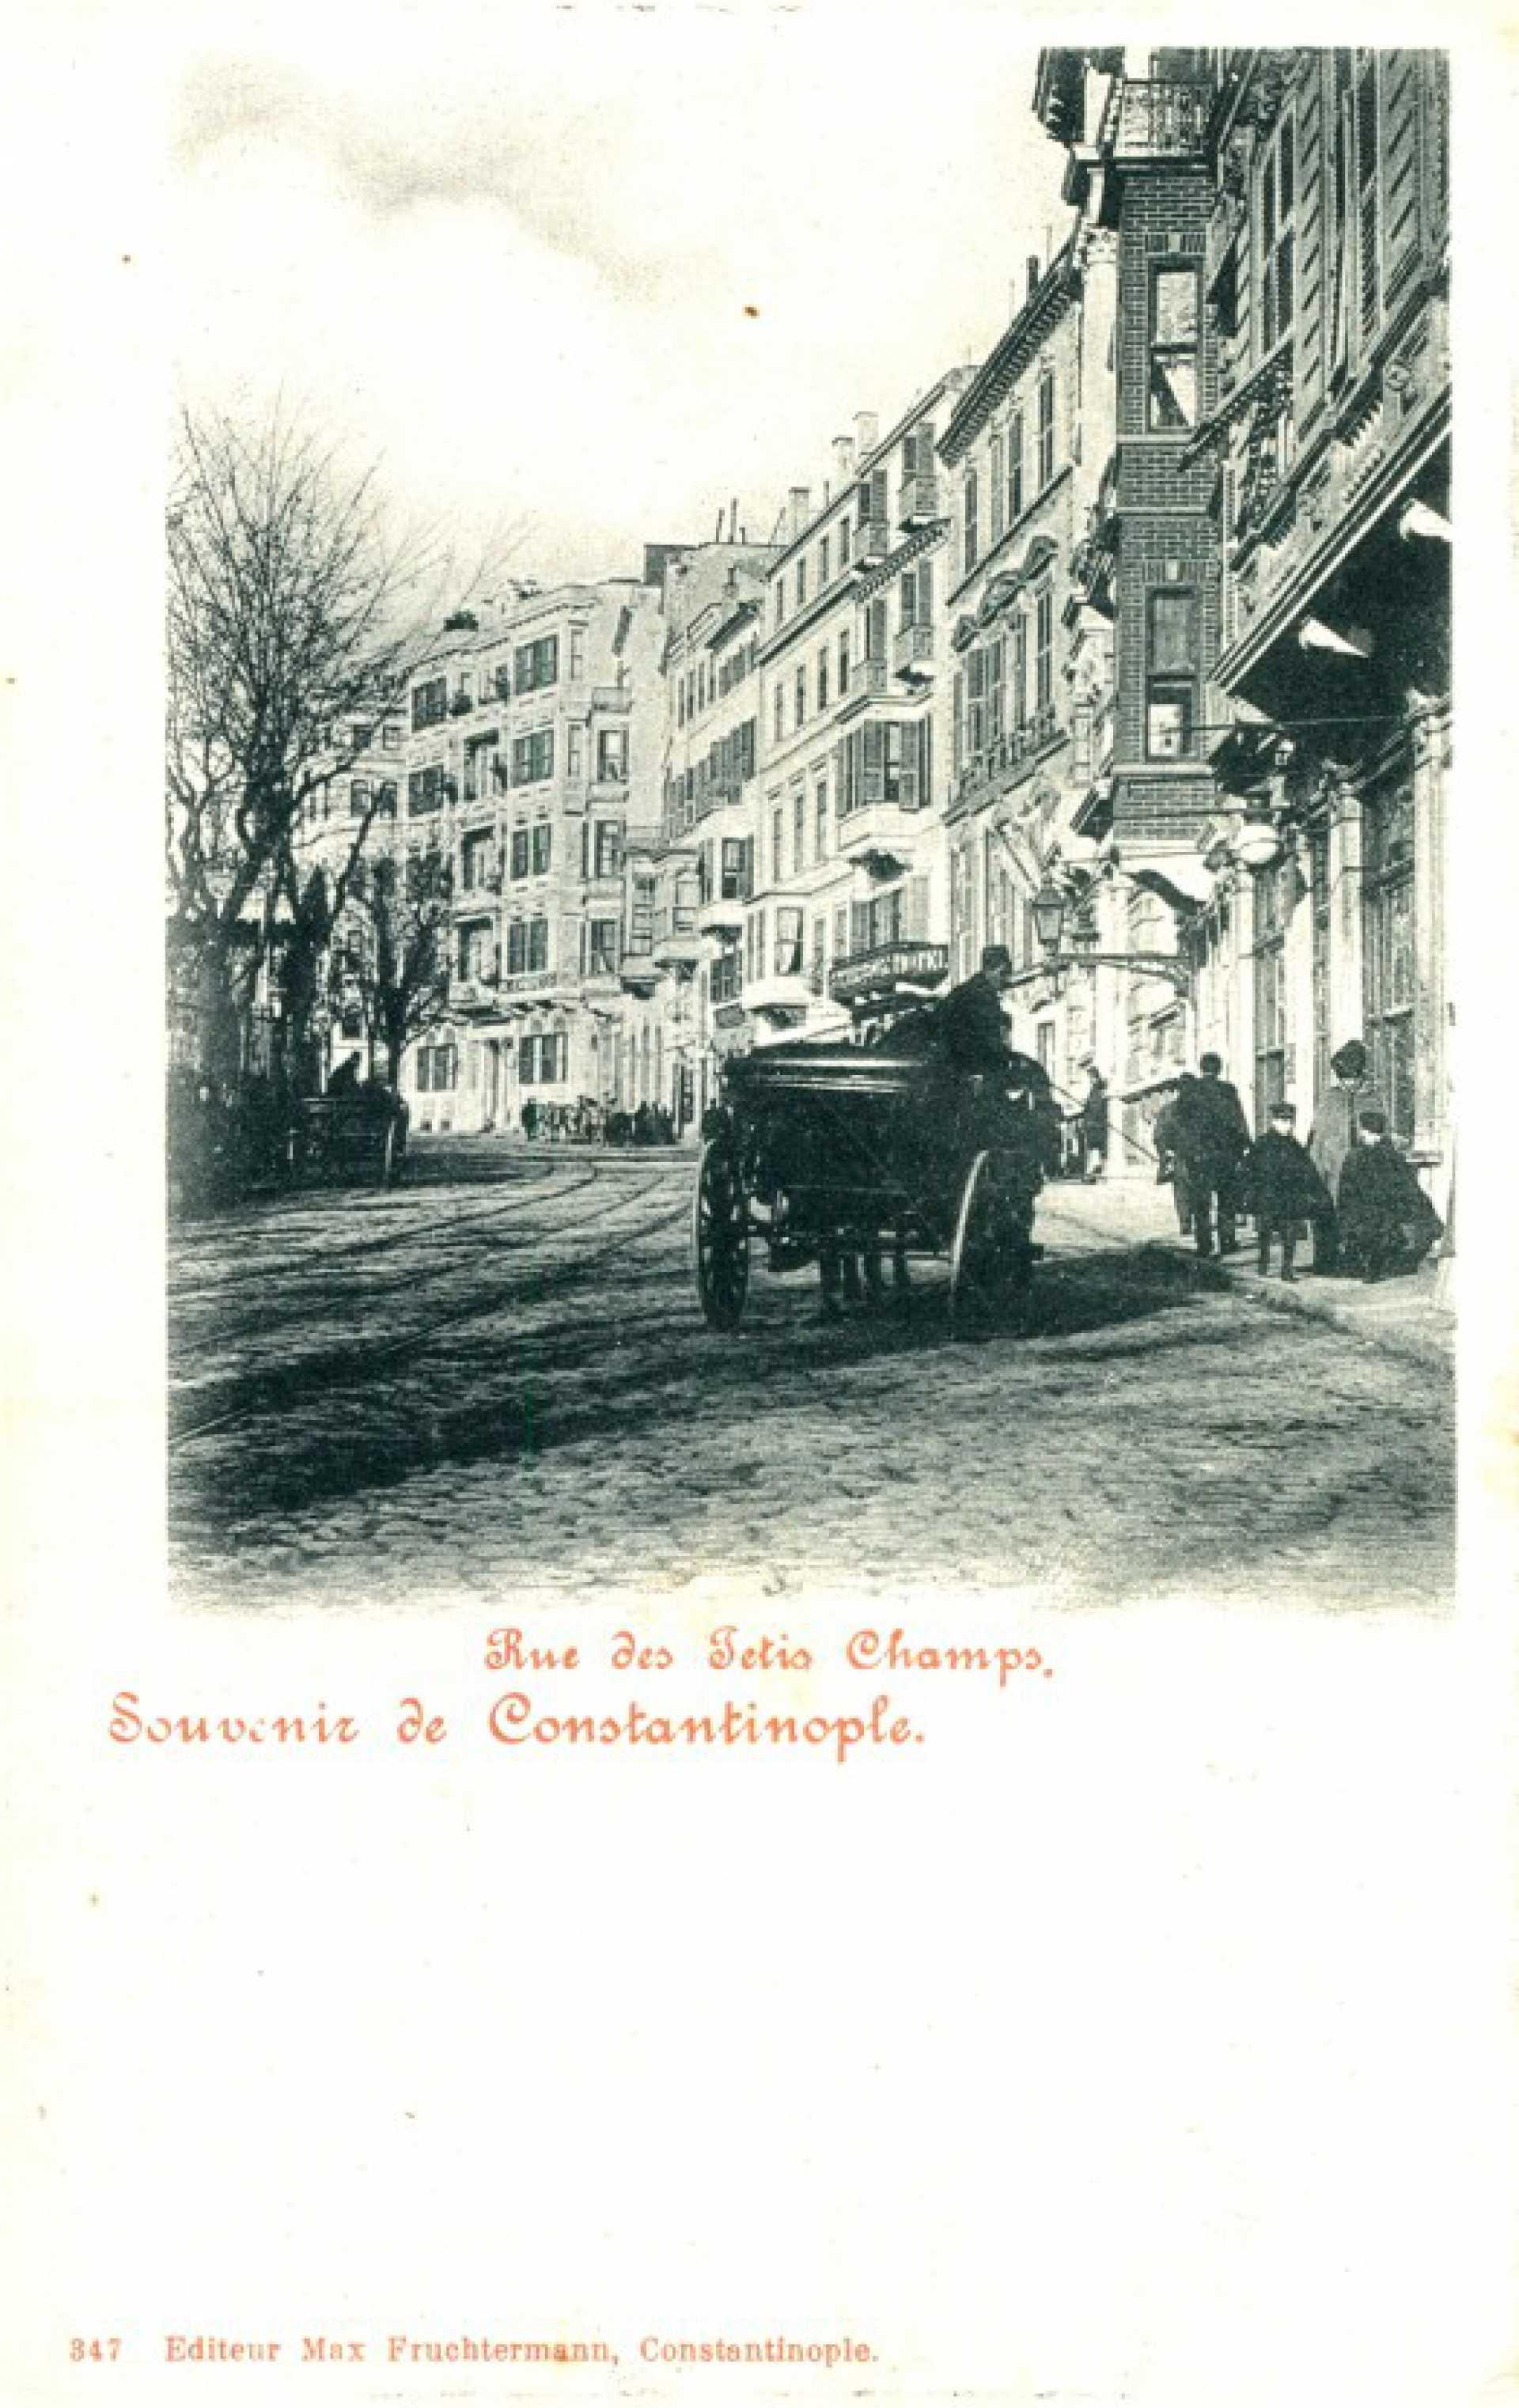 Rue des Jetis Champs.